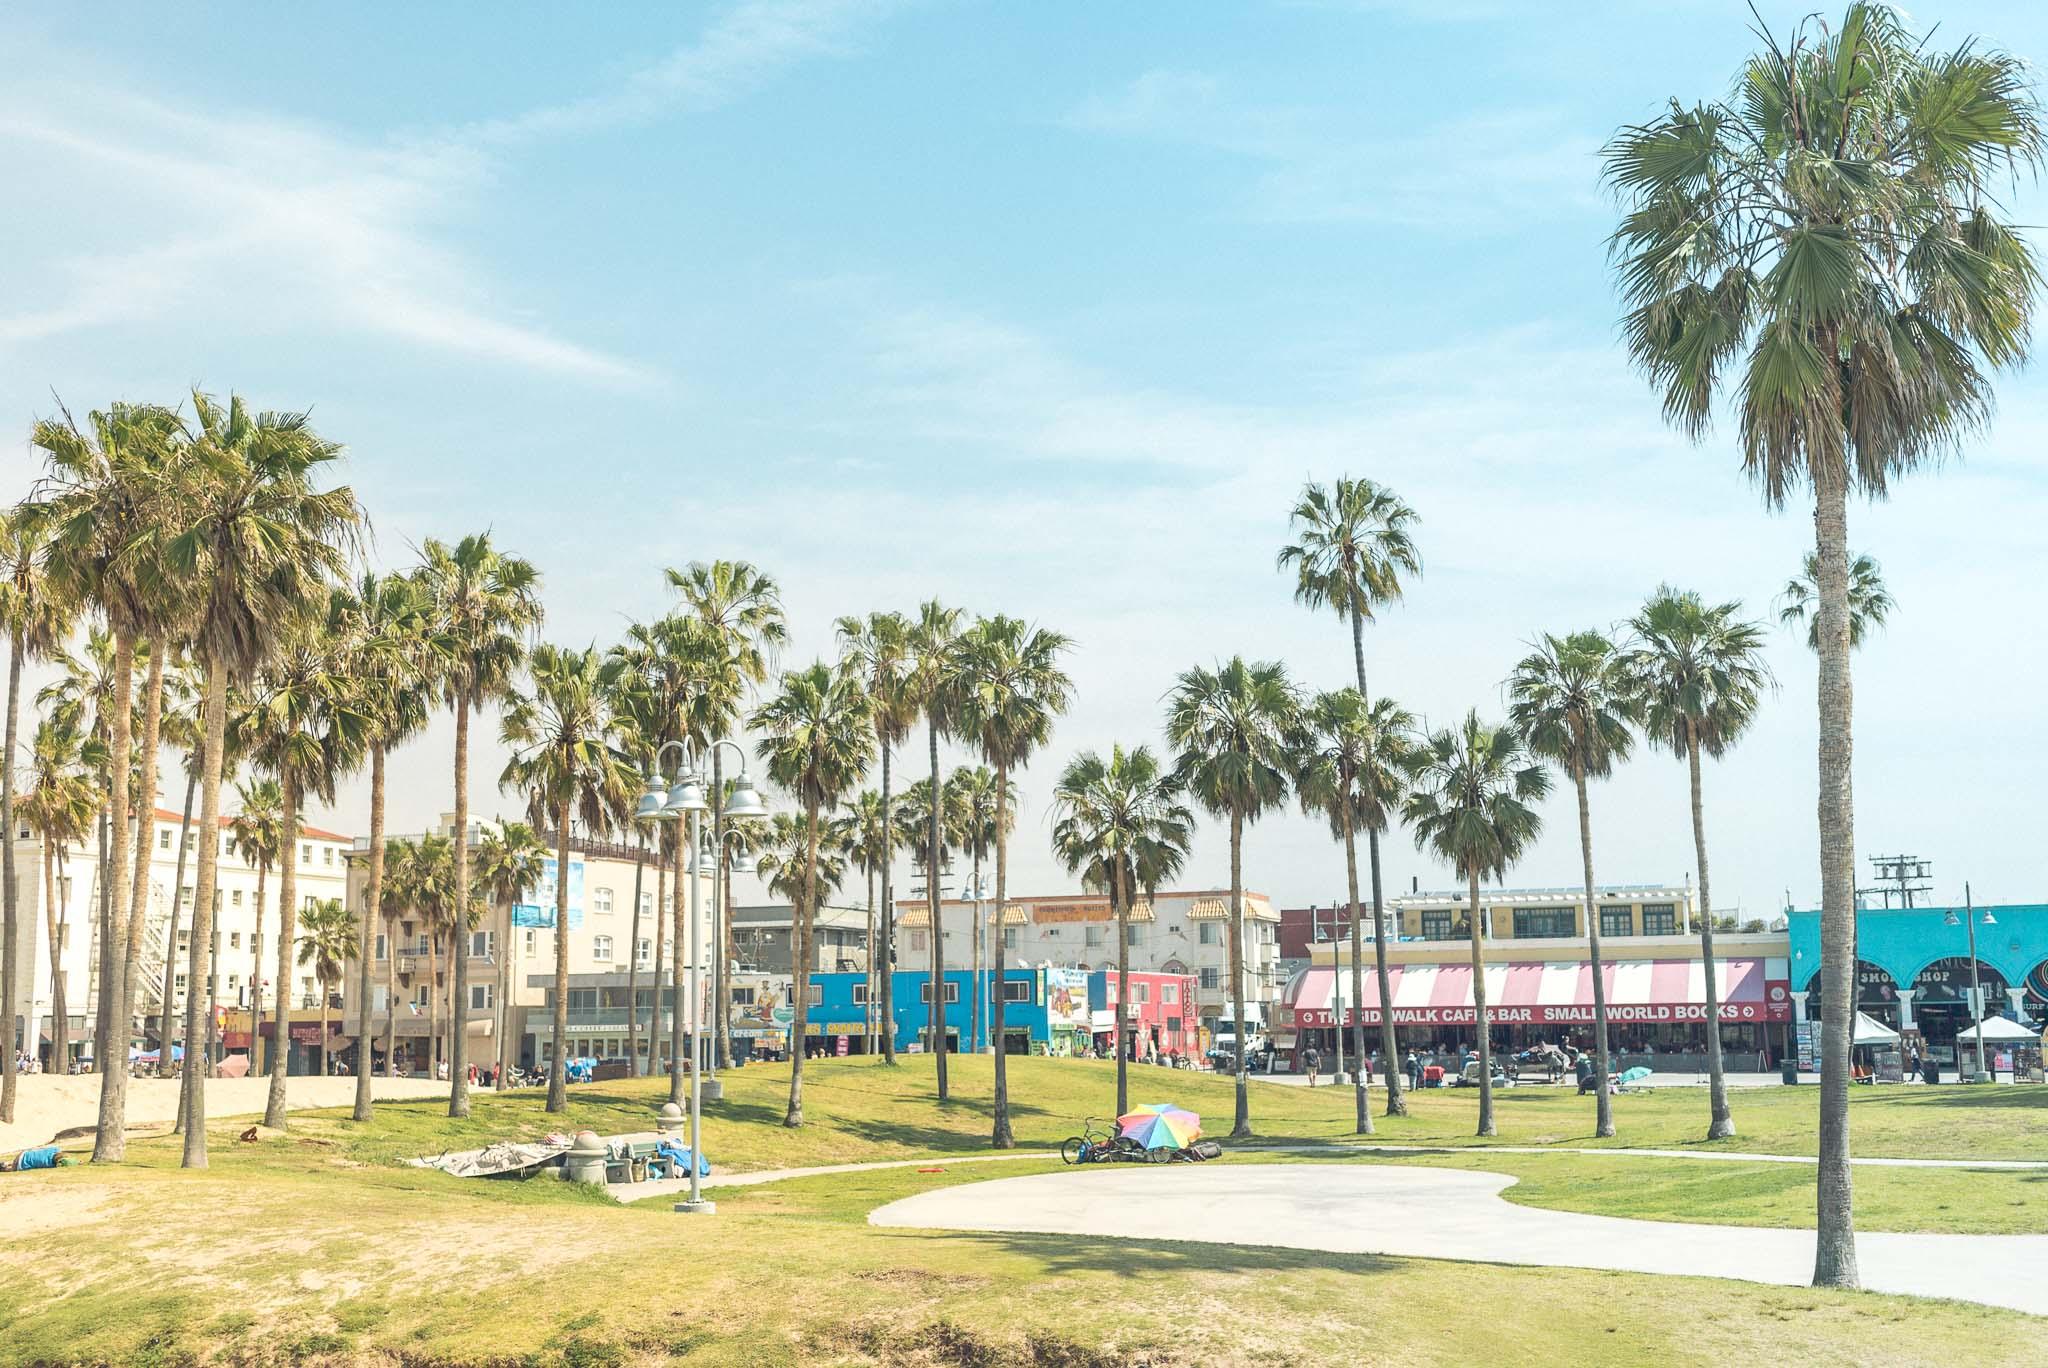 Blick vom Skatepark am Venice Beach auf die Flaniermeile und natürlich: Palms everywhere